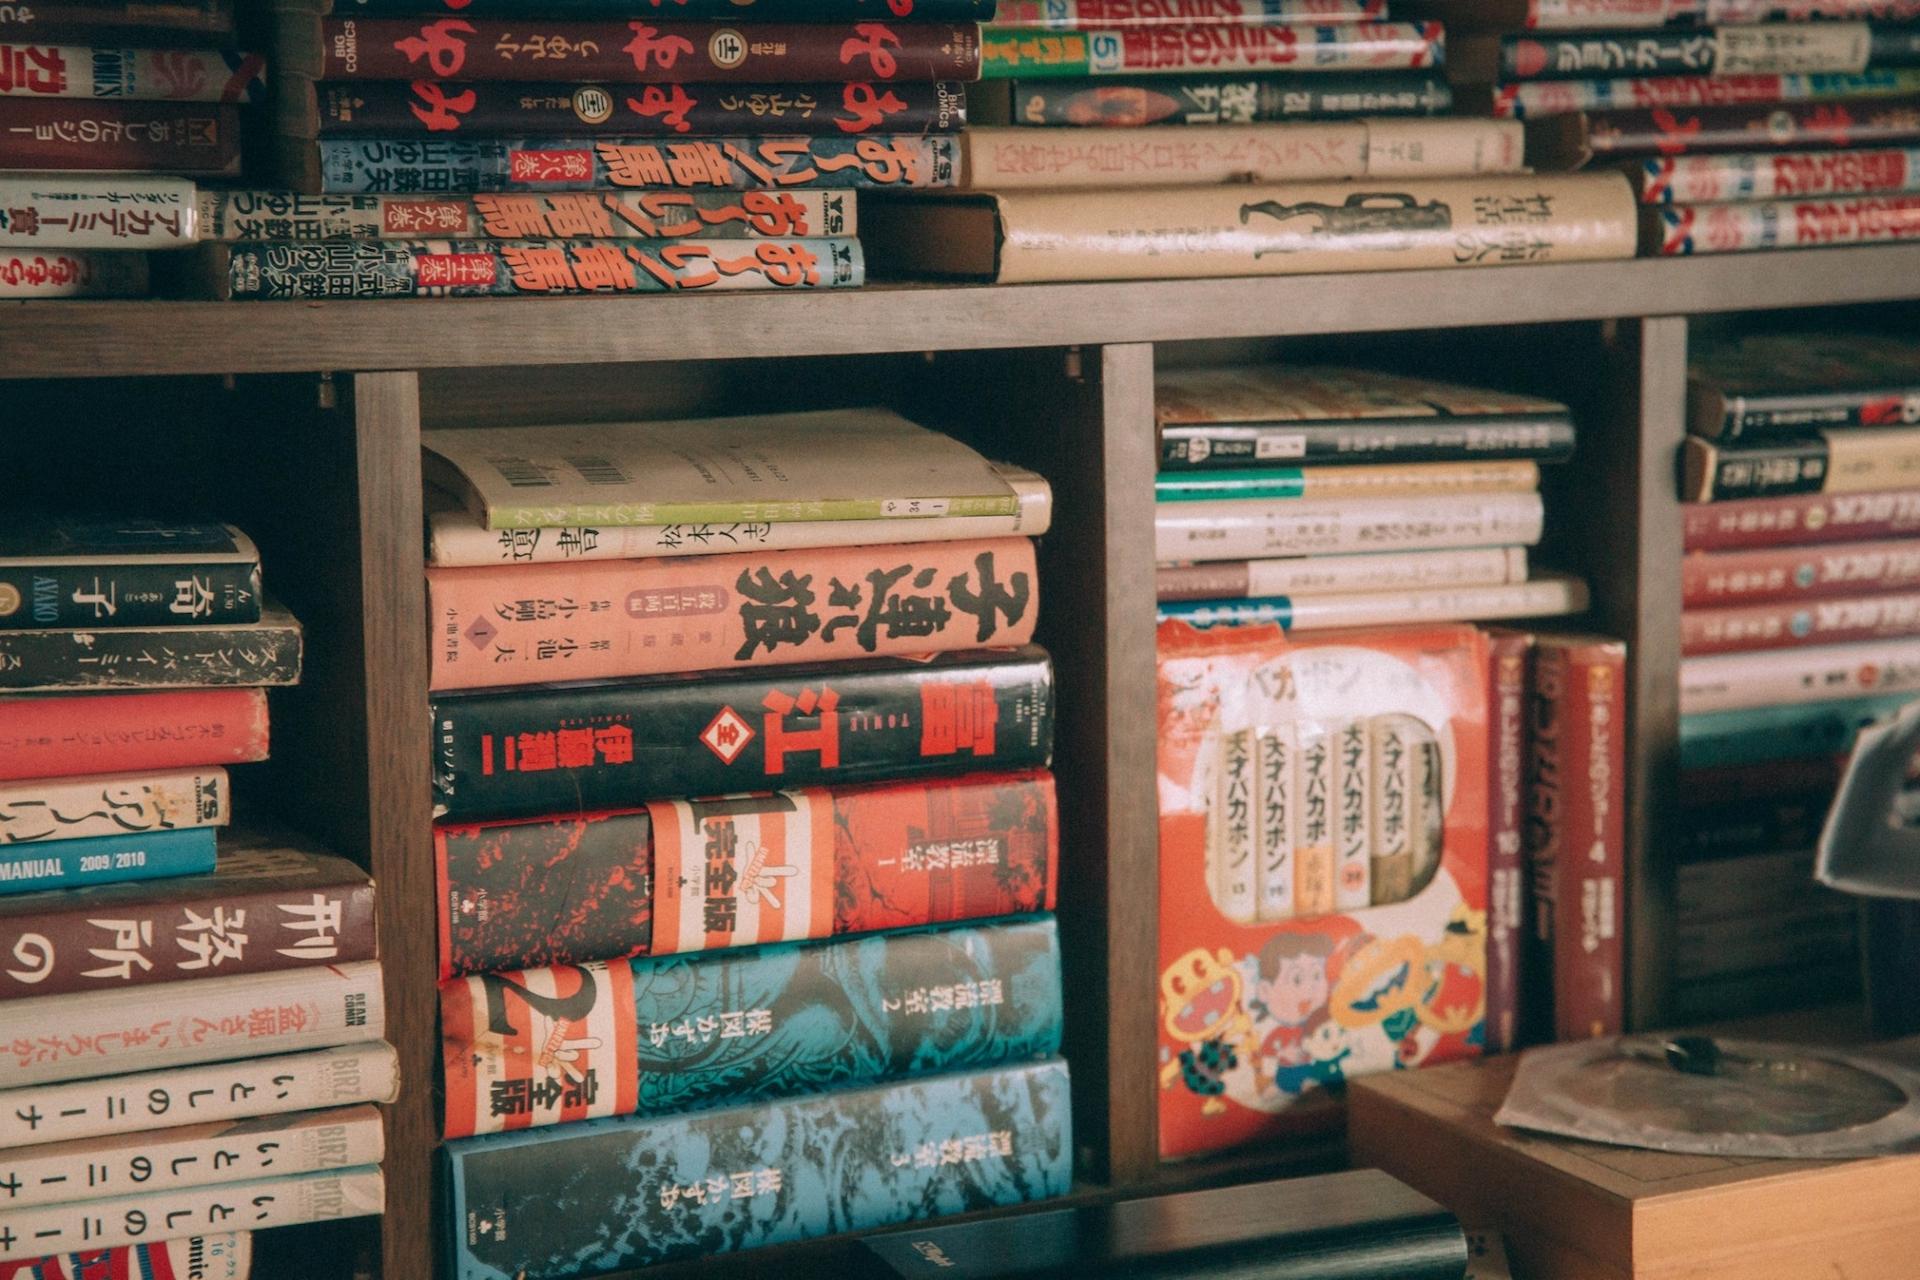 神谷亮佑×カンパニー松尾 対談|GEZAN映画『Tribe Called Discord』に存在する問いかけについて interview-gezan-film-5